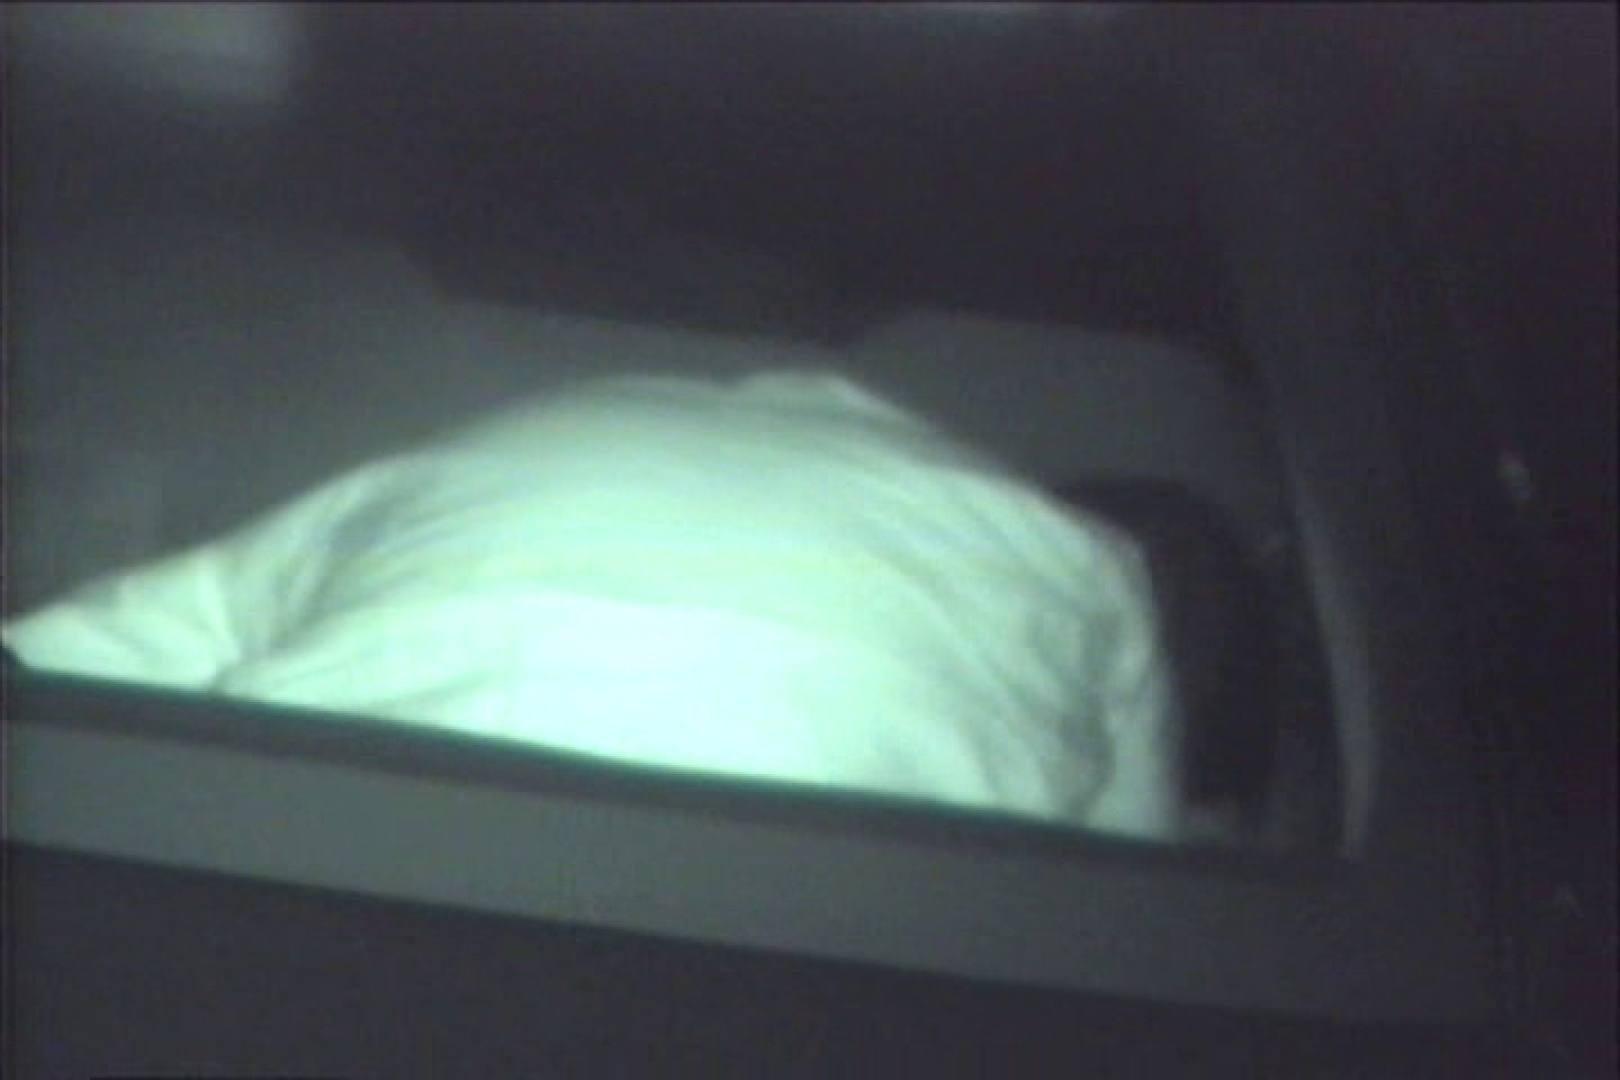 車の中はラブホテル 無修正版  Vol.18 カップル記念日 おまんこ動画流出 80連発 59